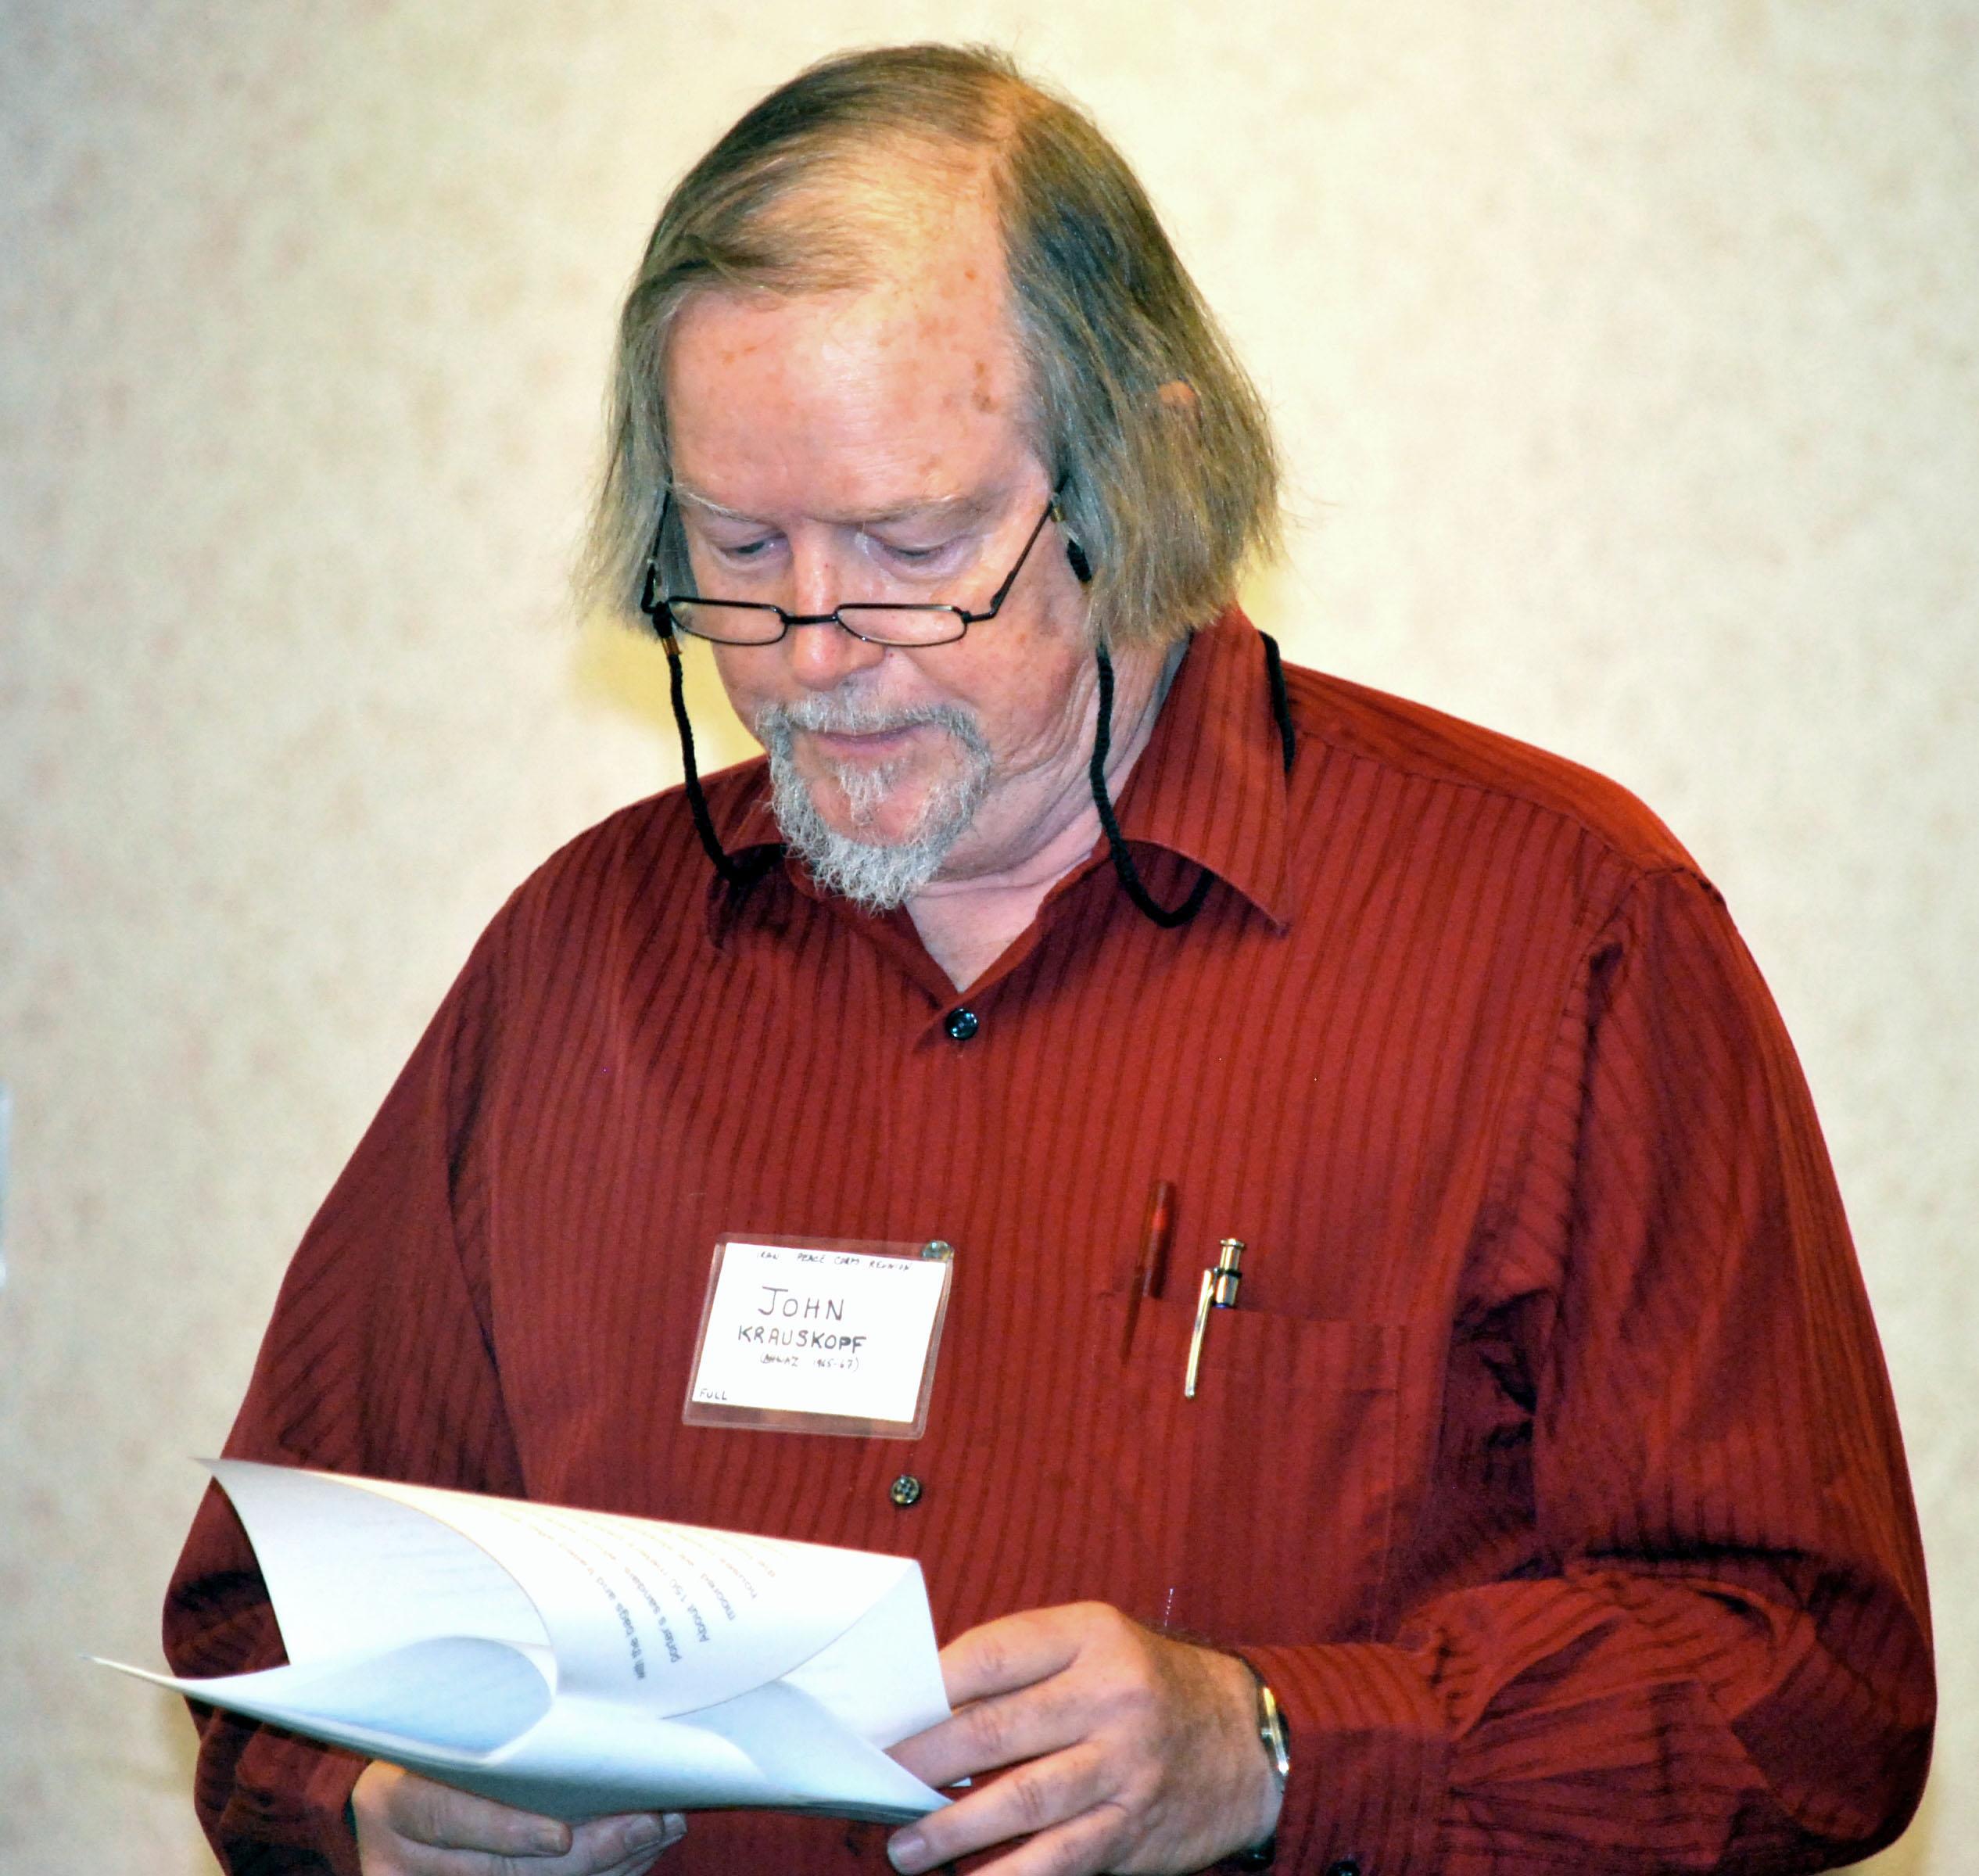 John Krauskopf - PCIA Anthology Editor